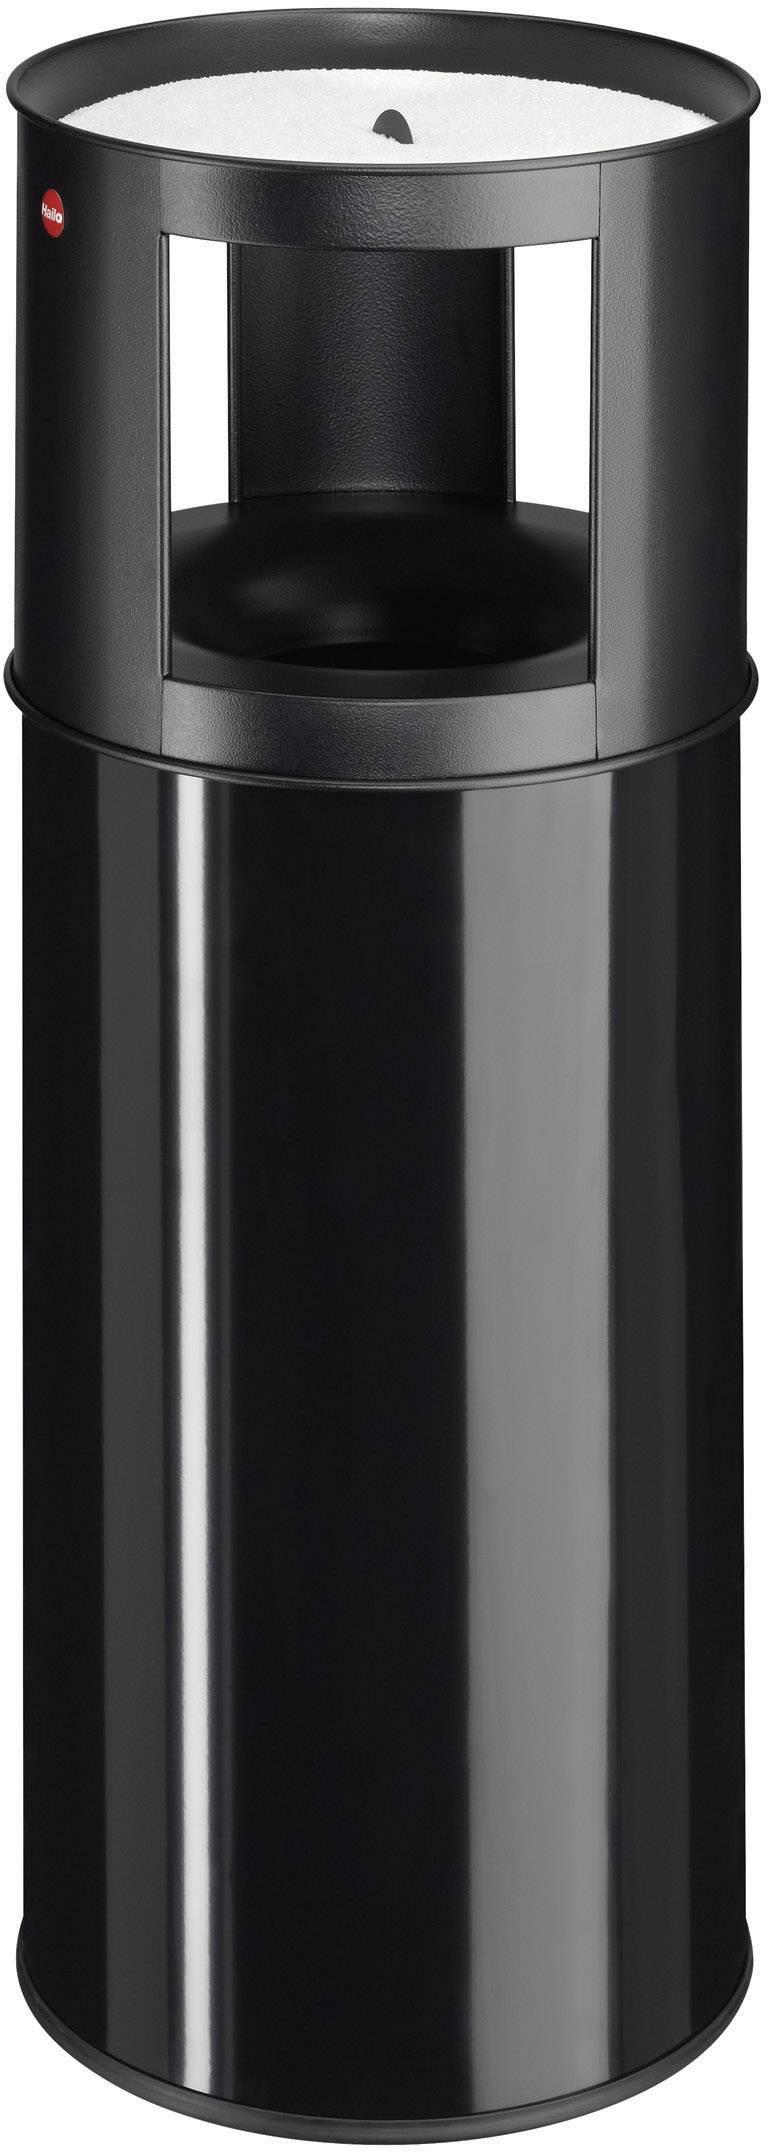 N/A s popelníkem Hailo ProfiLine care XL, 800 mm, Vnější Ø 330 mm, 40 l, černá